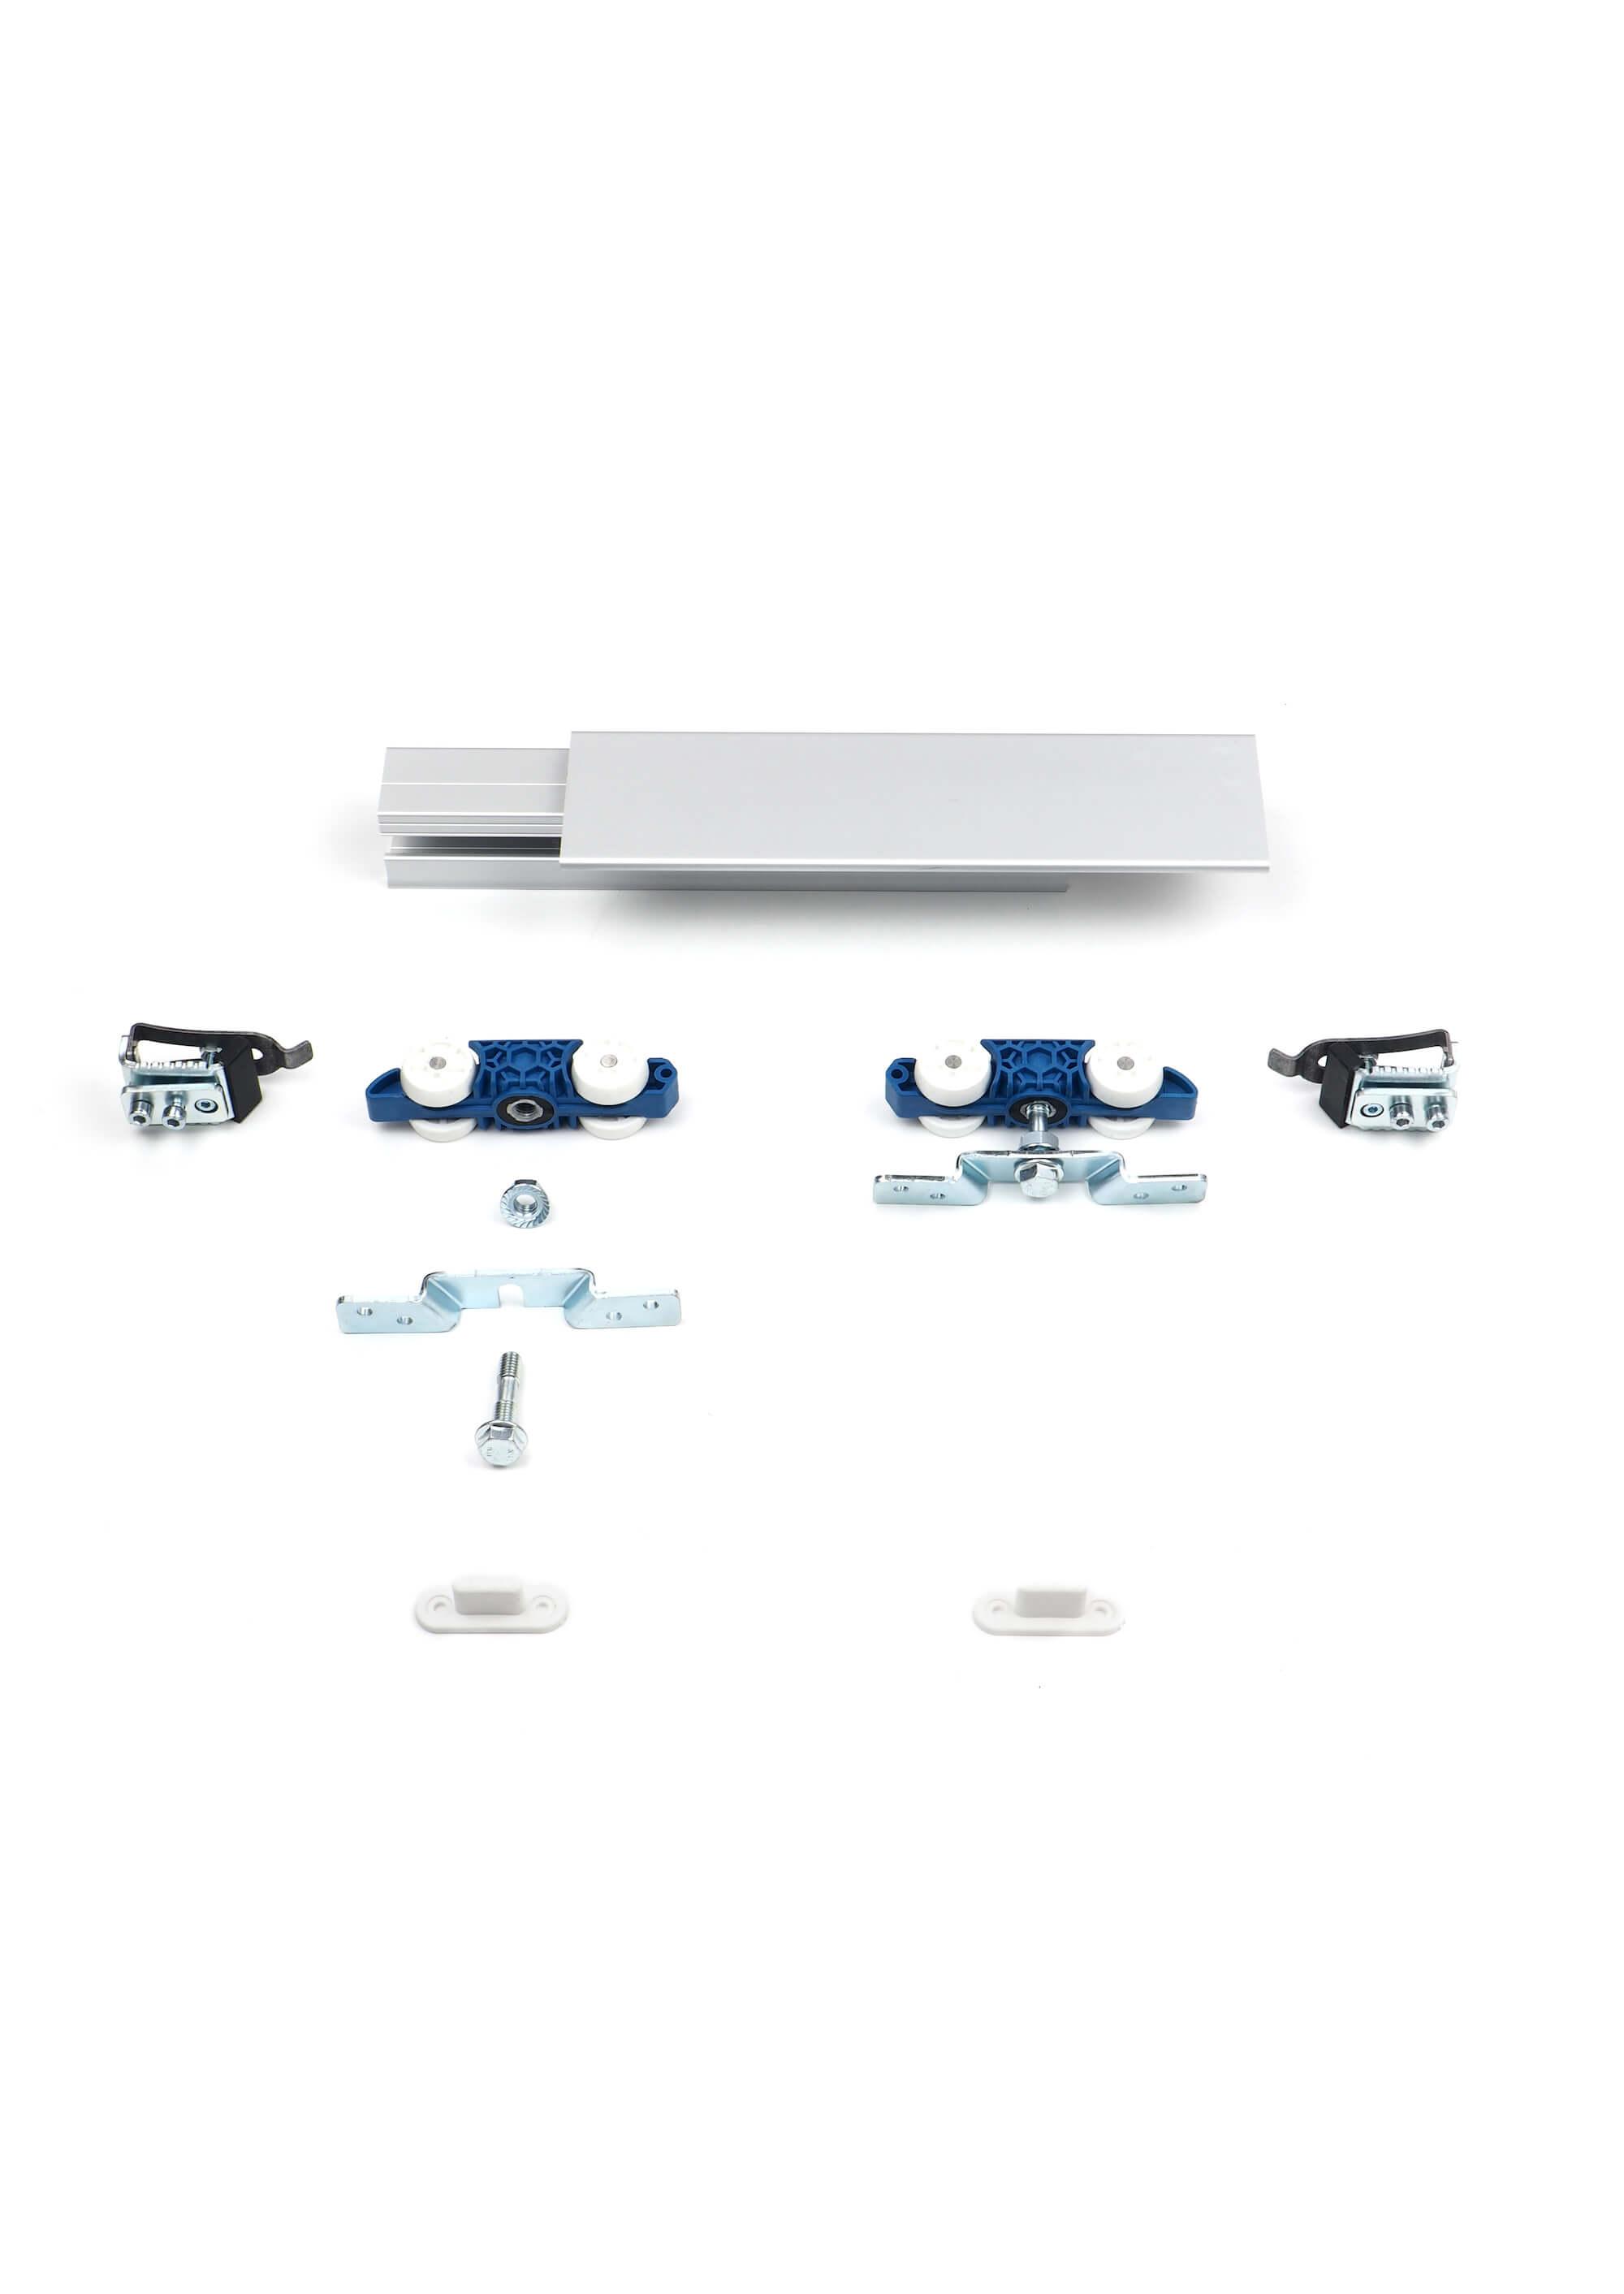 HS-Komfort | Schiebetür-Bausatz Hängesystem für Durchgangs-Türen